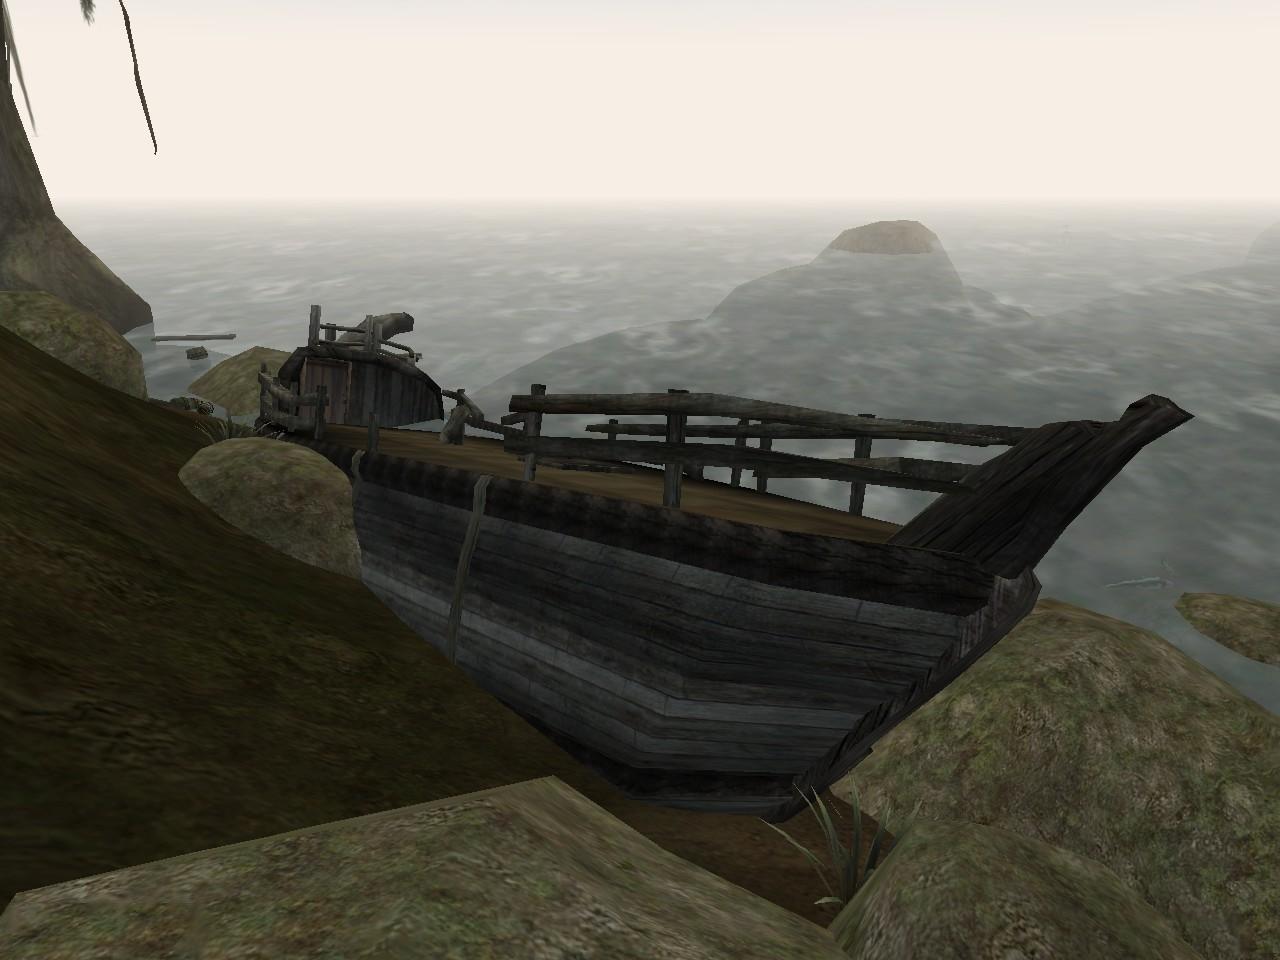 Unexplored Shipwreck